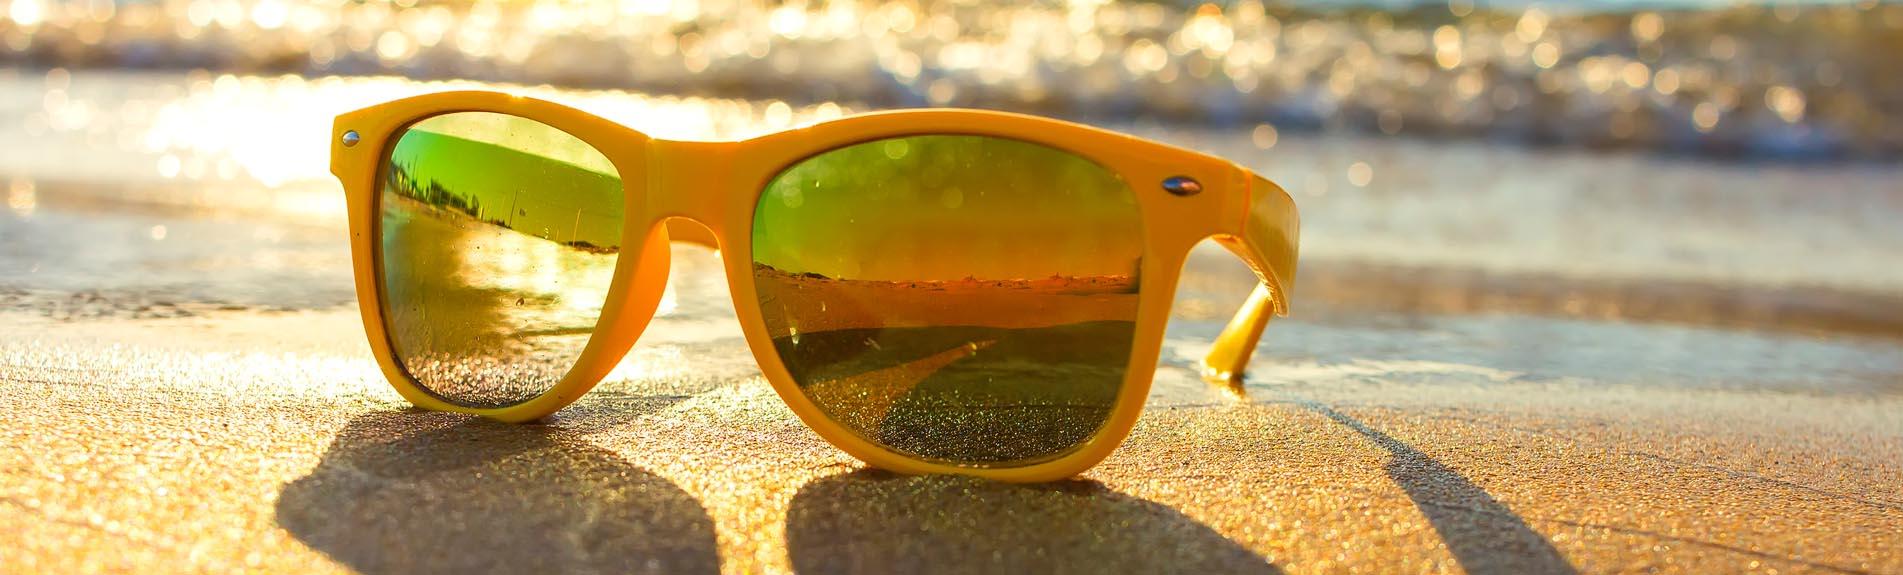 اشعه UVB موجود در نور خورشید